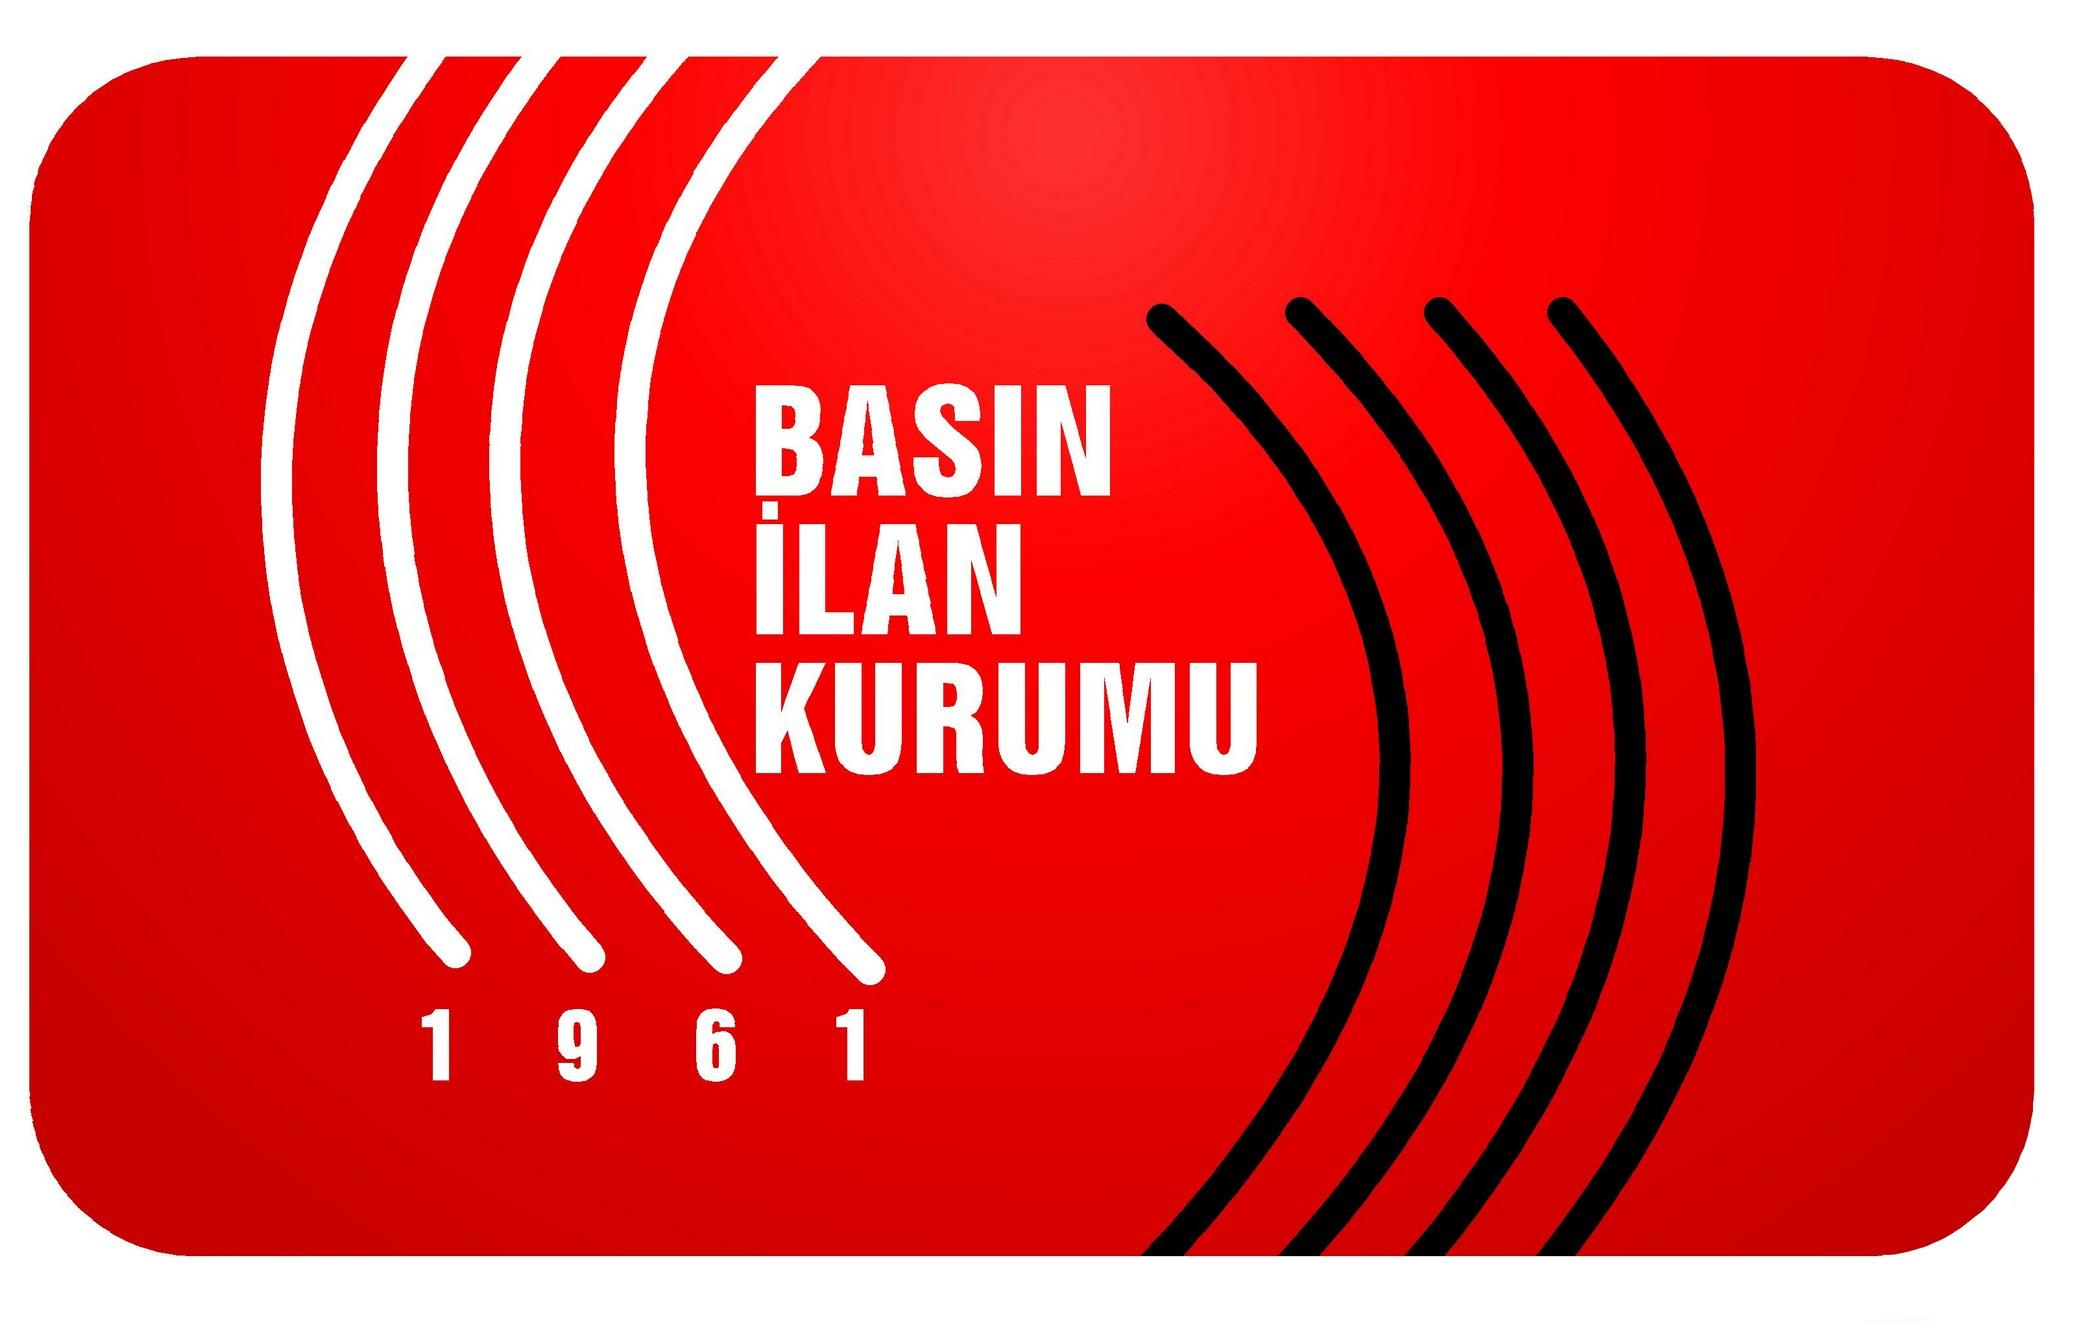 Fethiye Sağlık Bakanlığı Türkiye Kamu Hastaneleri Kuru Gıda Alımı Temini